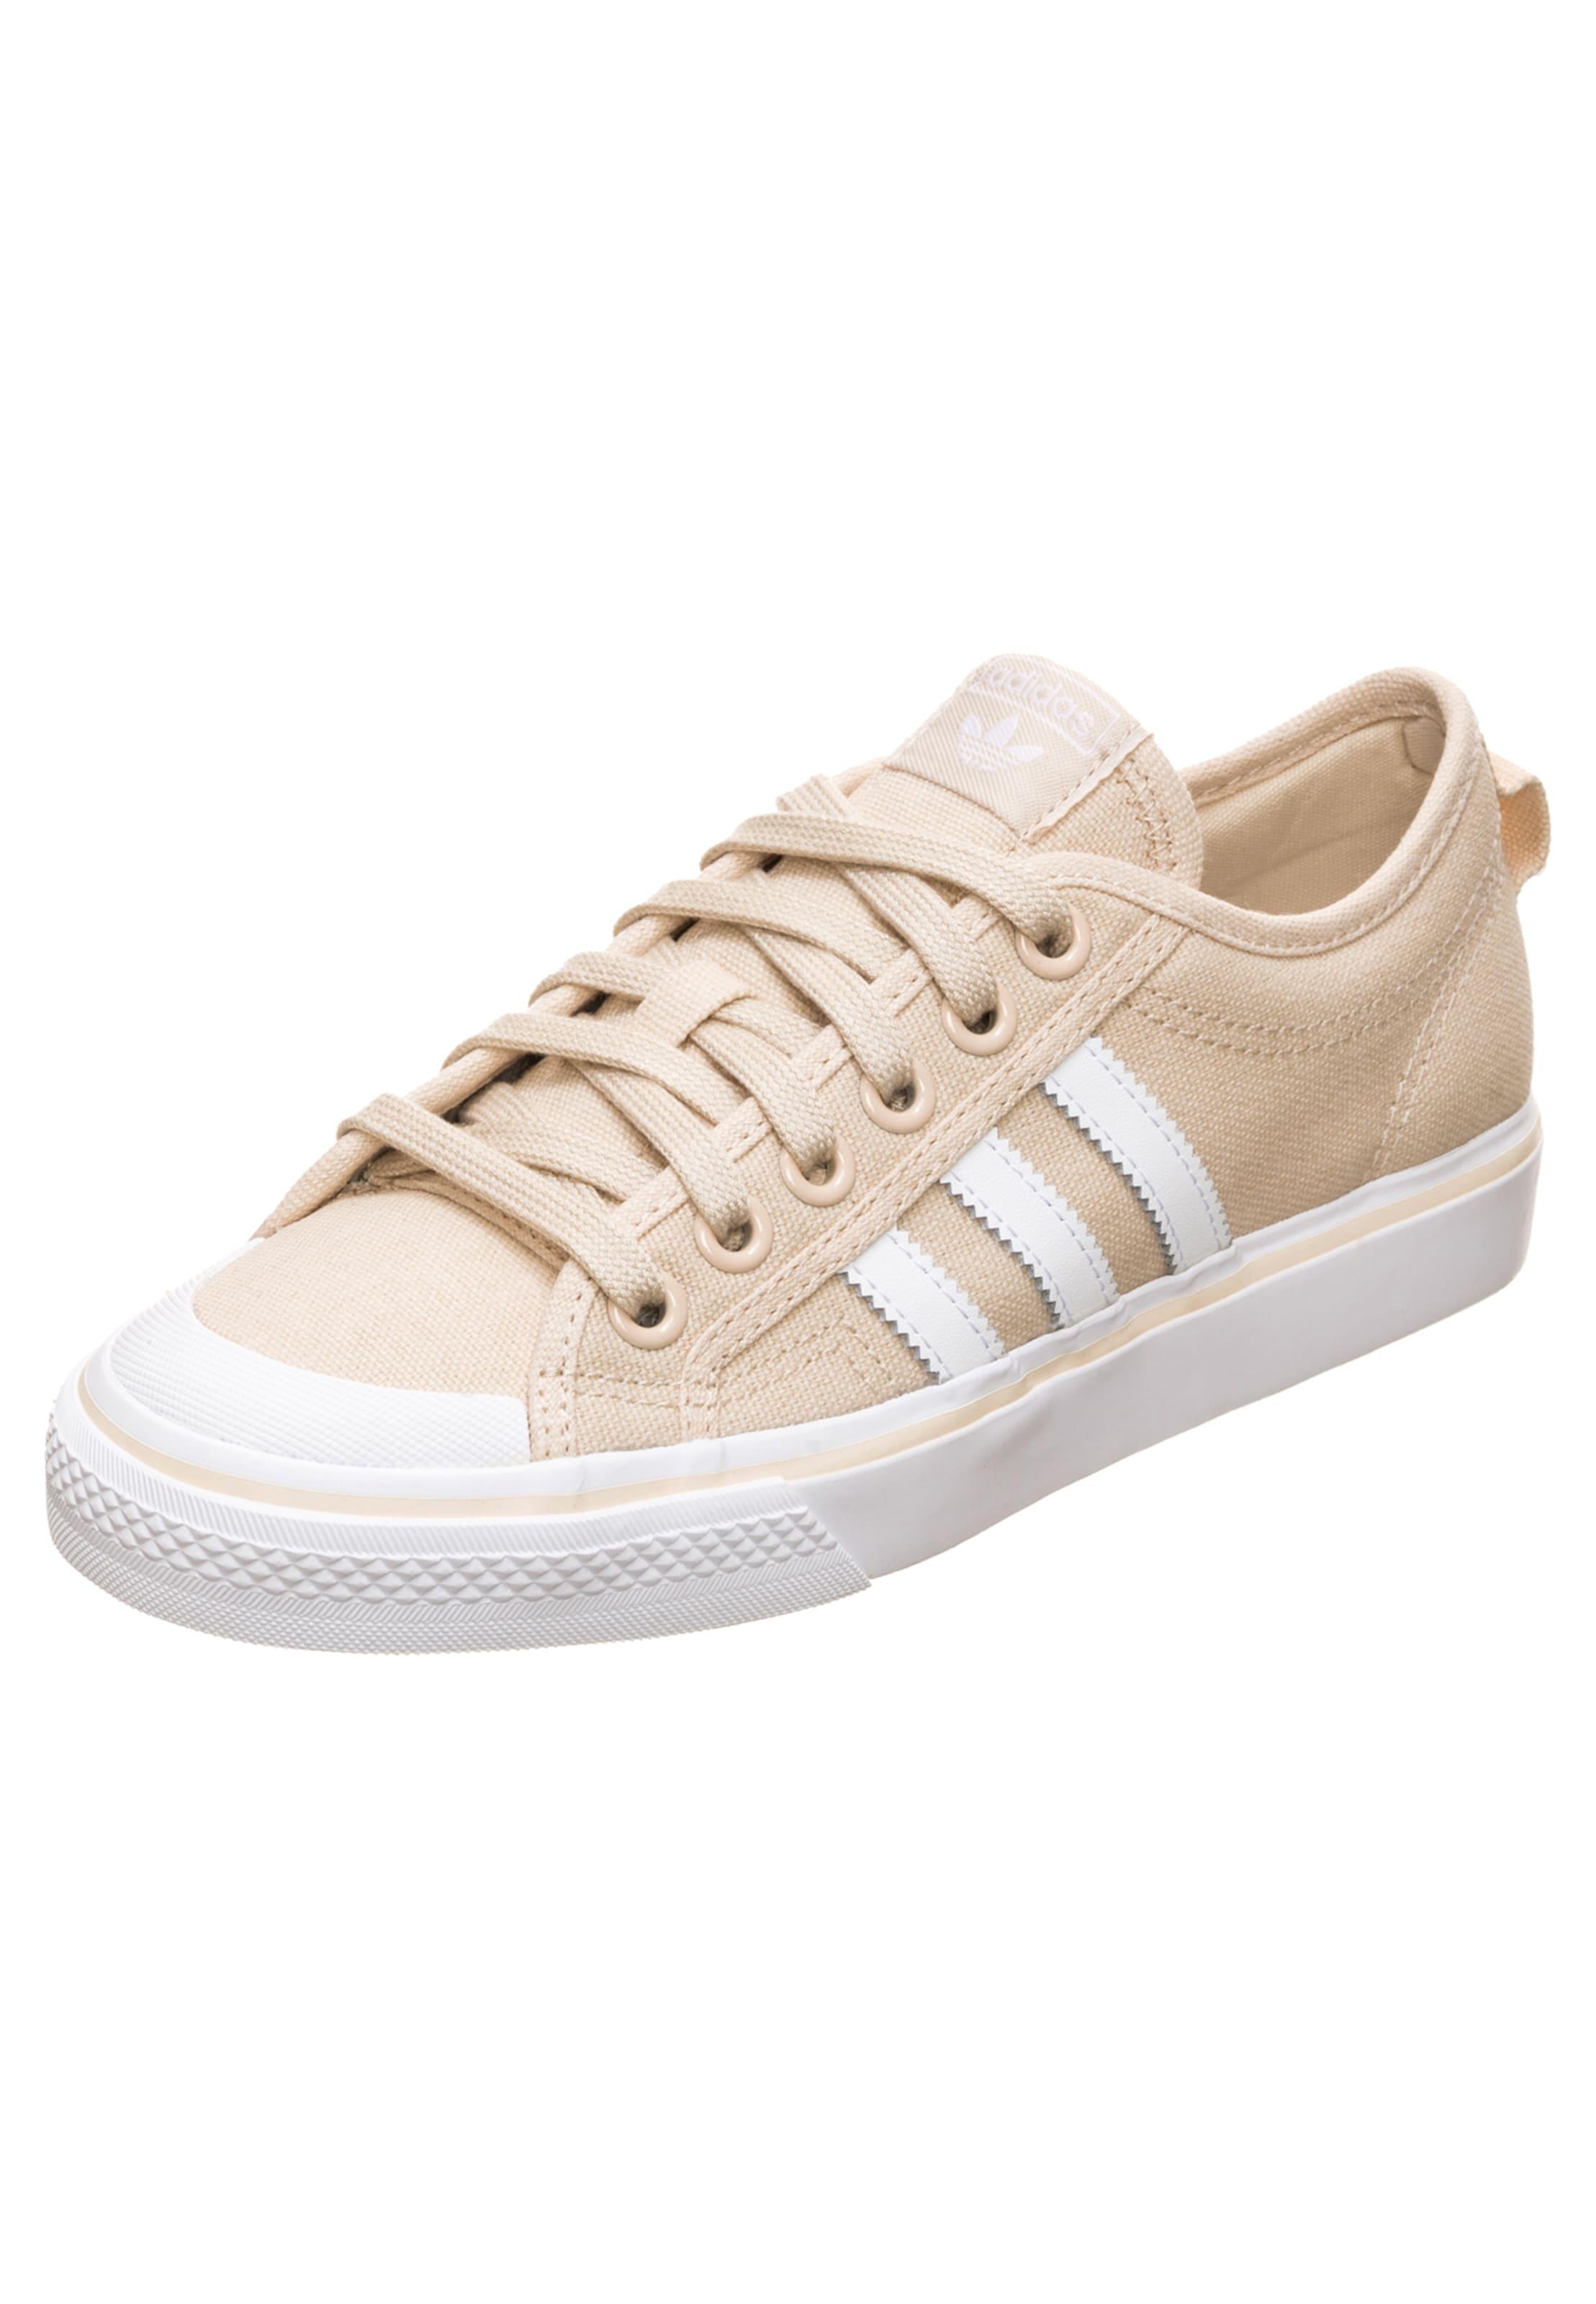 ADIDAS ORIGINALS |  Nizza  Sneaker